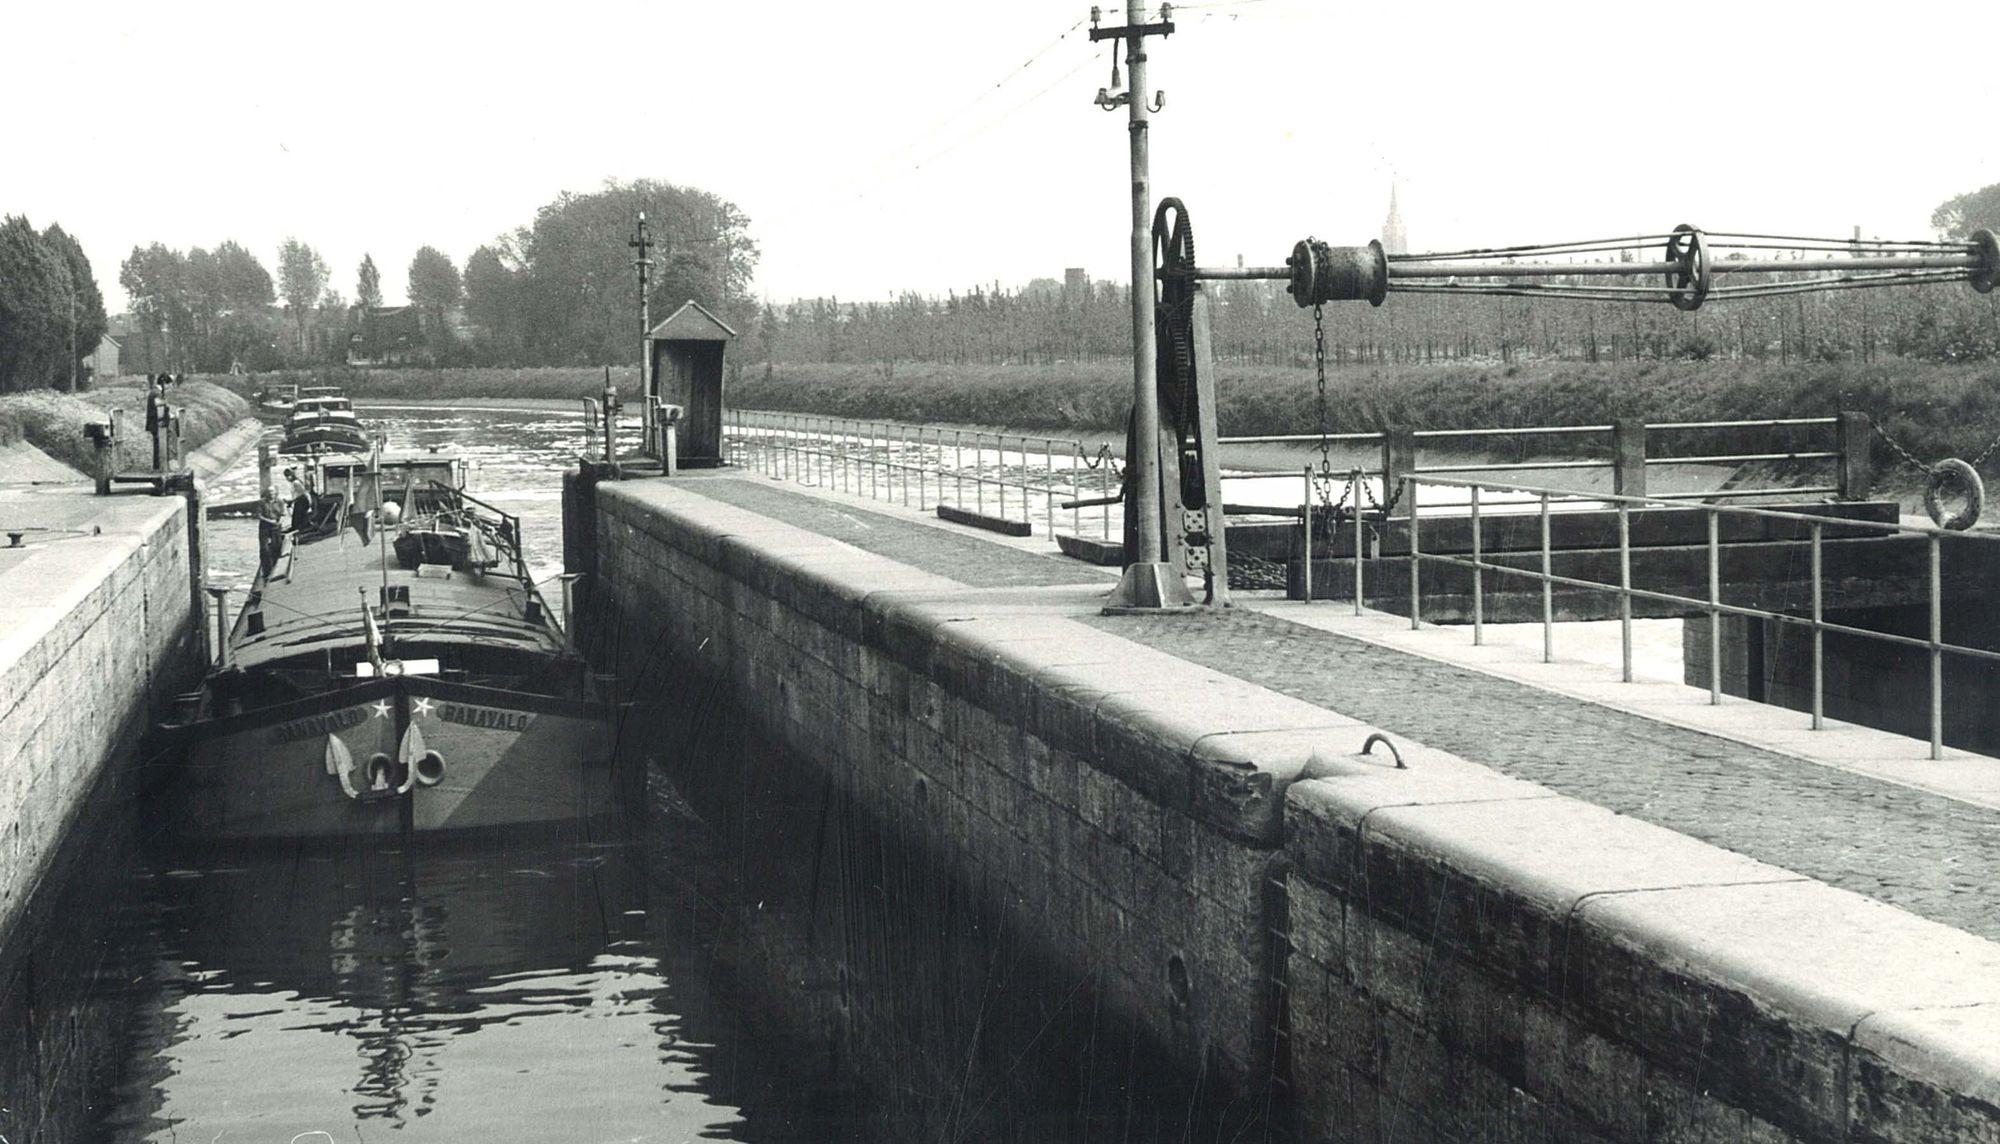 Oud sluizencomplex van Menen 1982